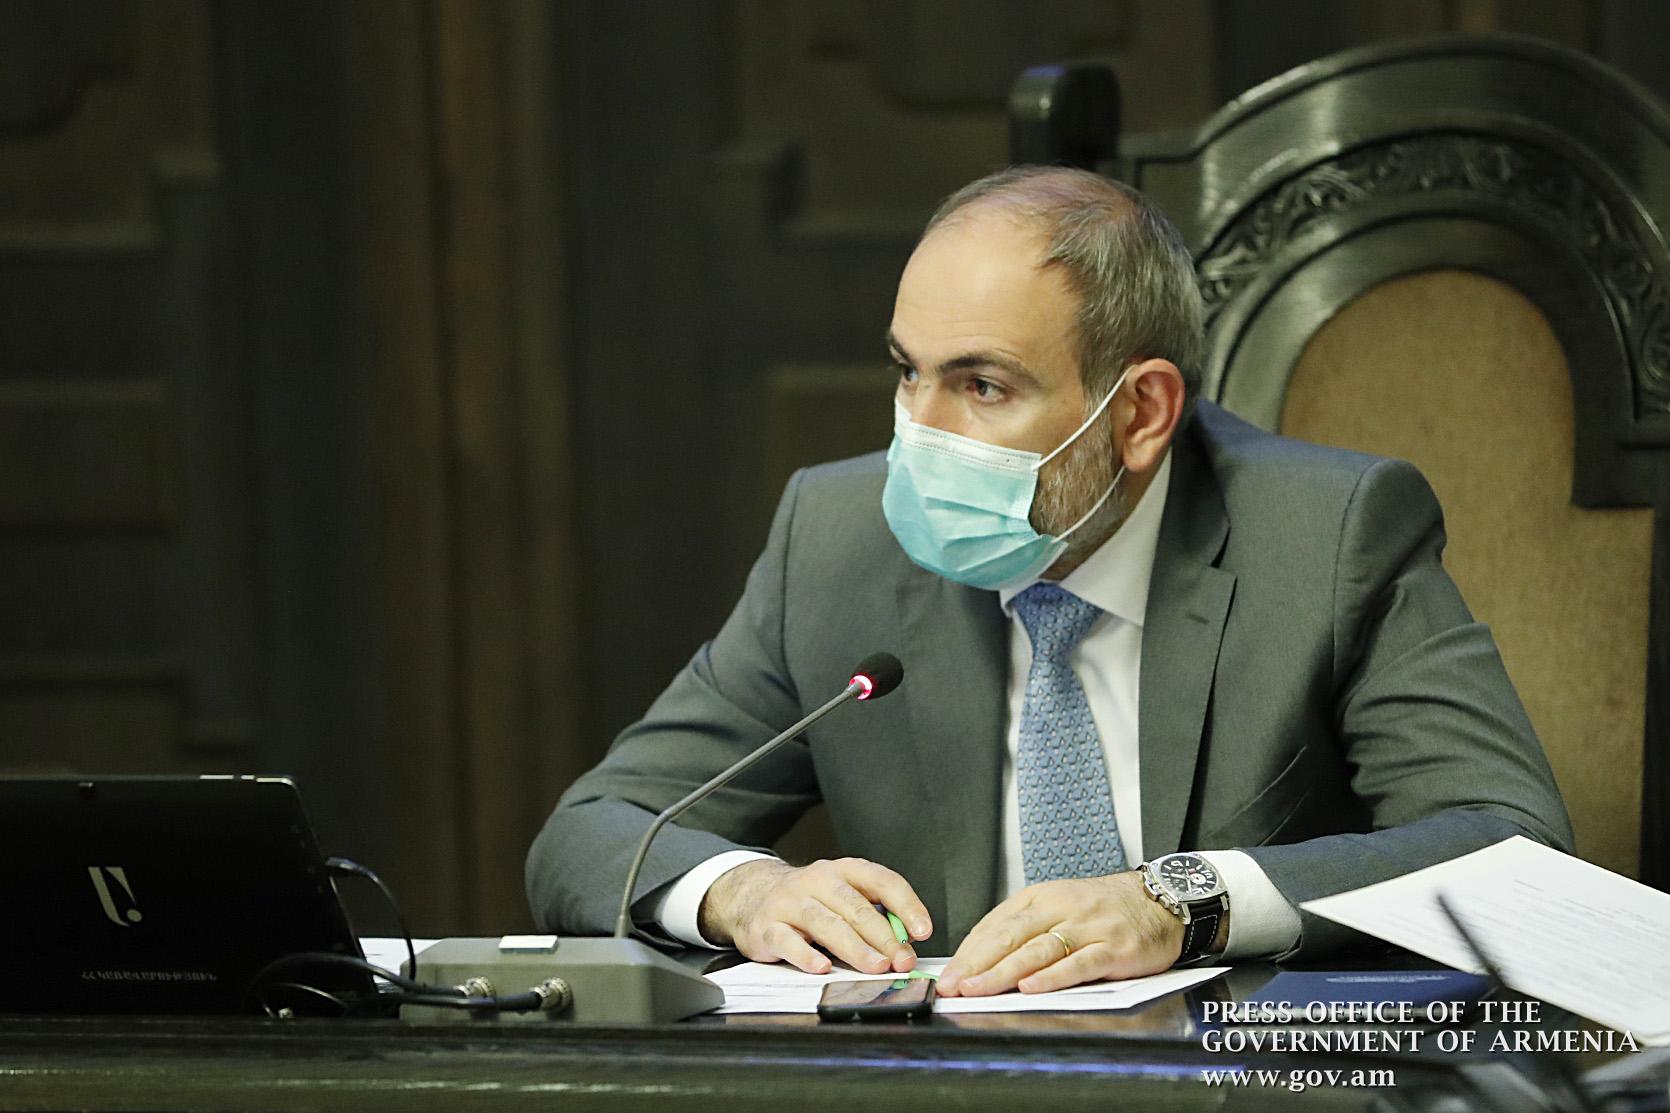 Photo of Կառավարությունում տեղի է ունեցել ՀՀ-ում կորոնավիրուսի տարածումը կանխարգելող աշխատանքները համակարգող հանձնաժողովի նիստ